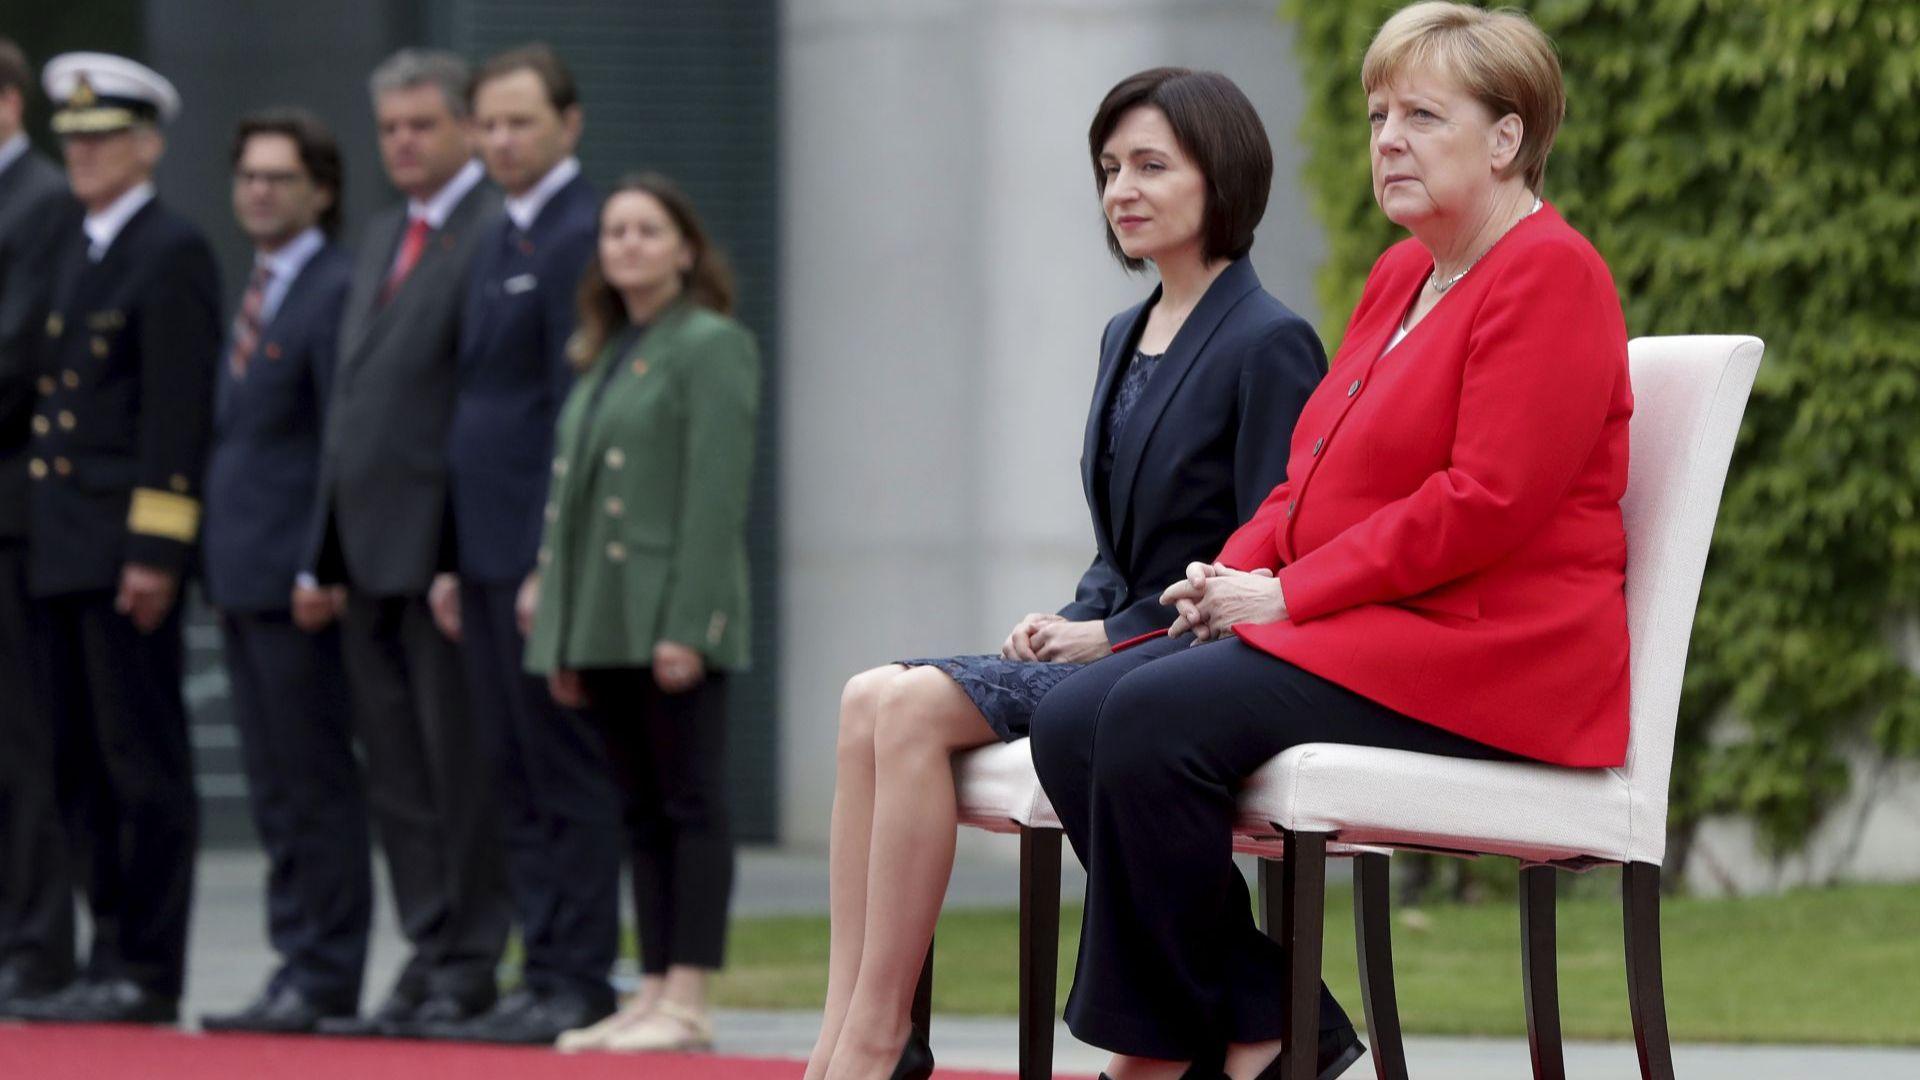 Германският канцлер Ангела Меркел отново остана седнала при изпълнението на